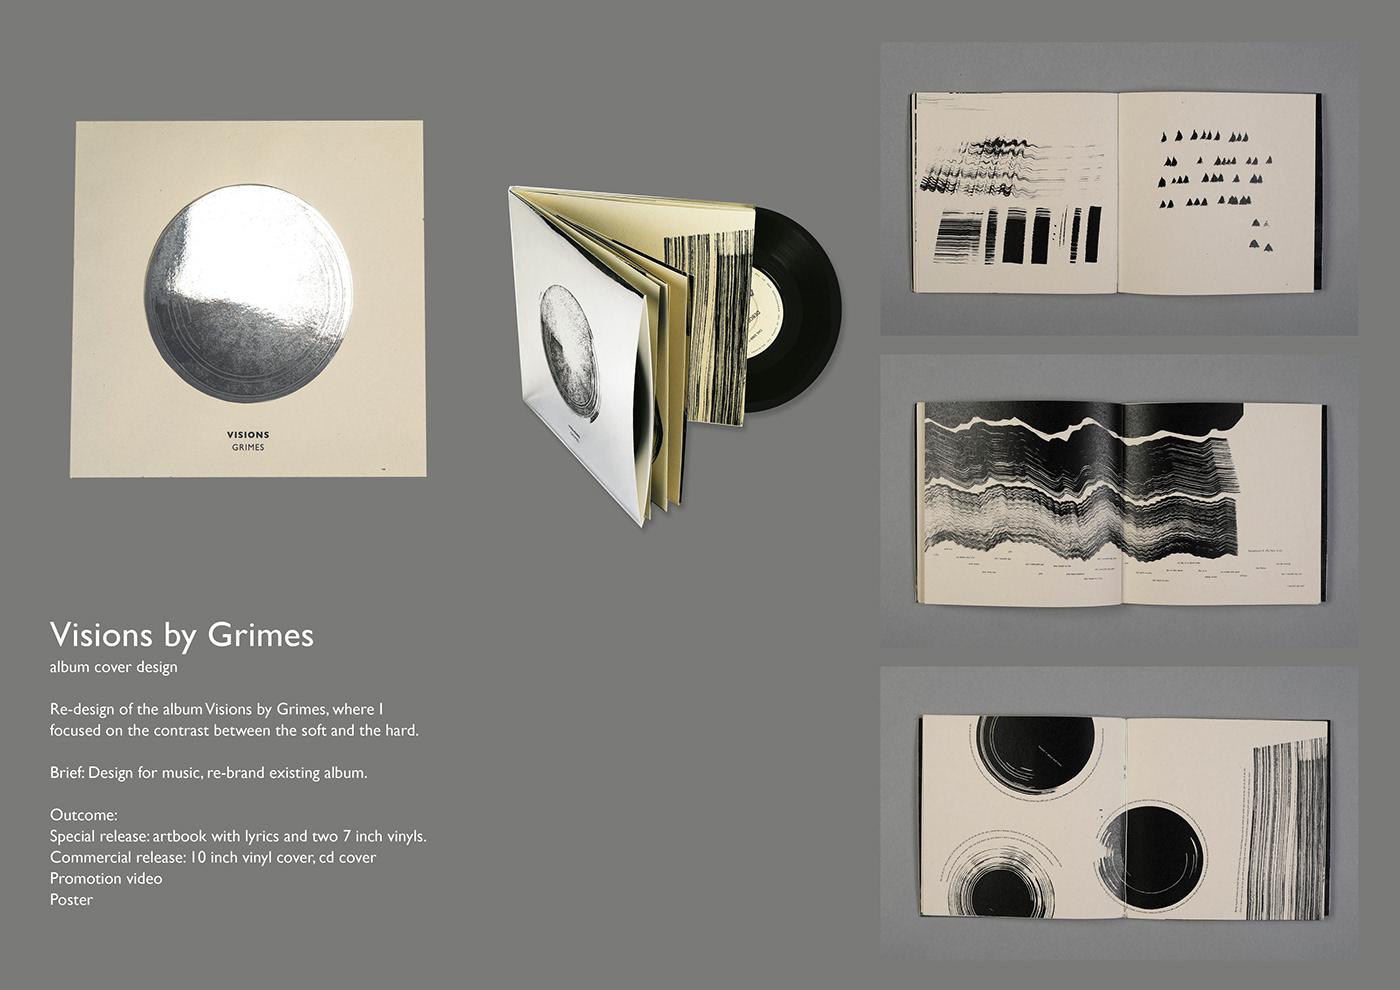 極美的31張專輯封面設計欣賞